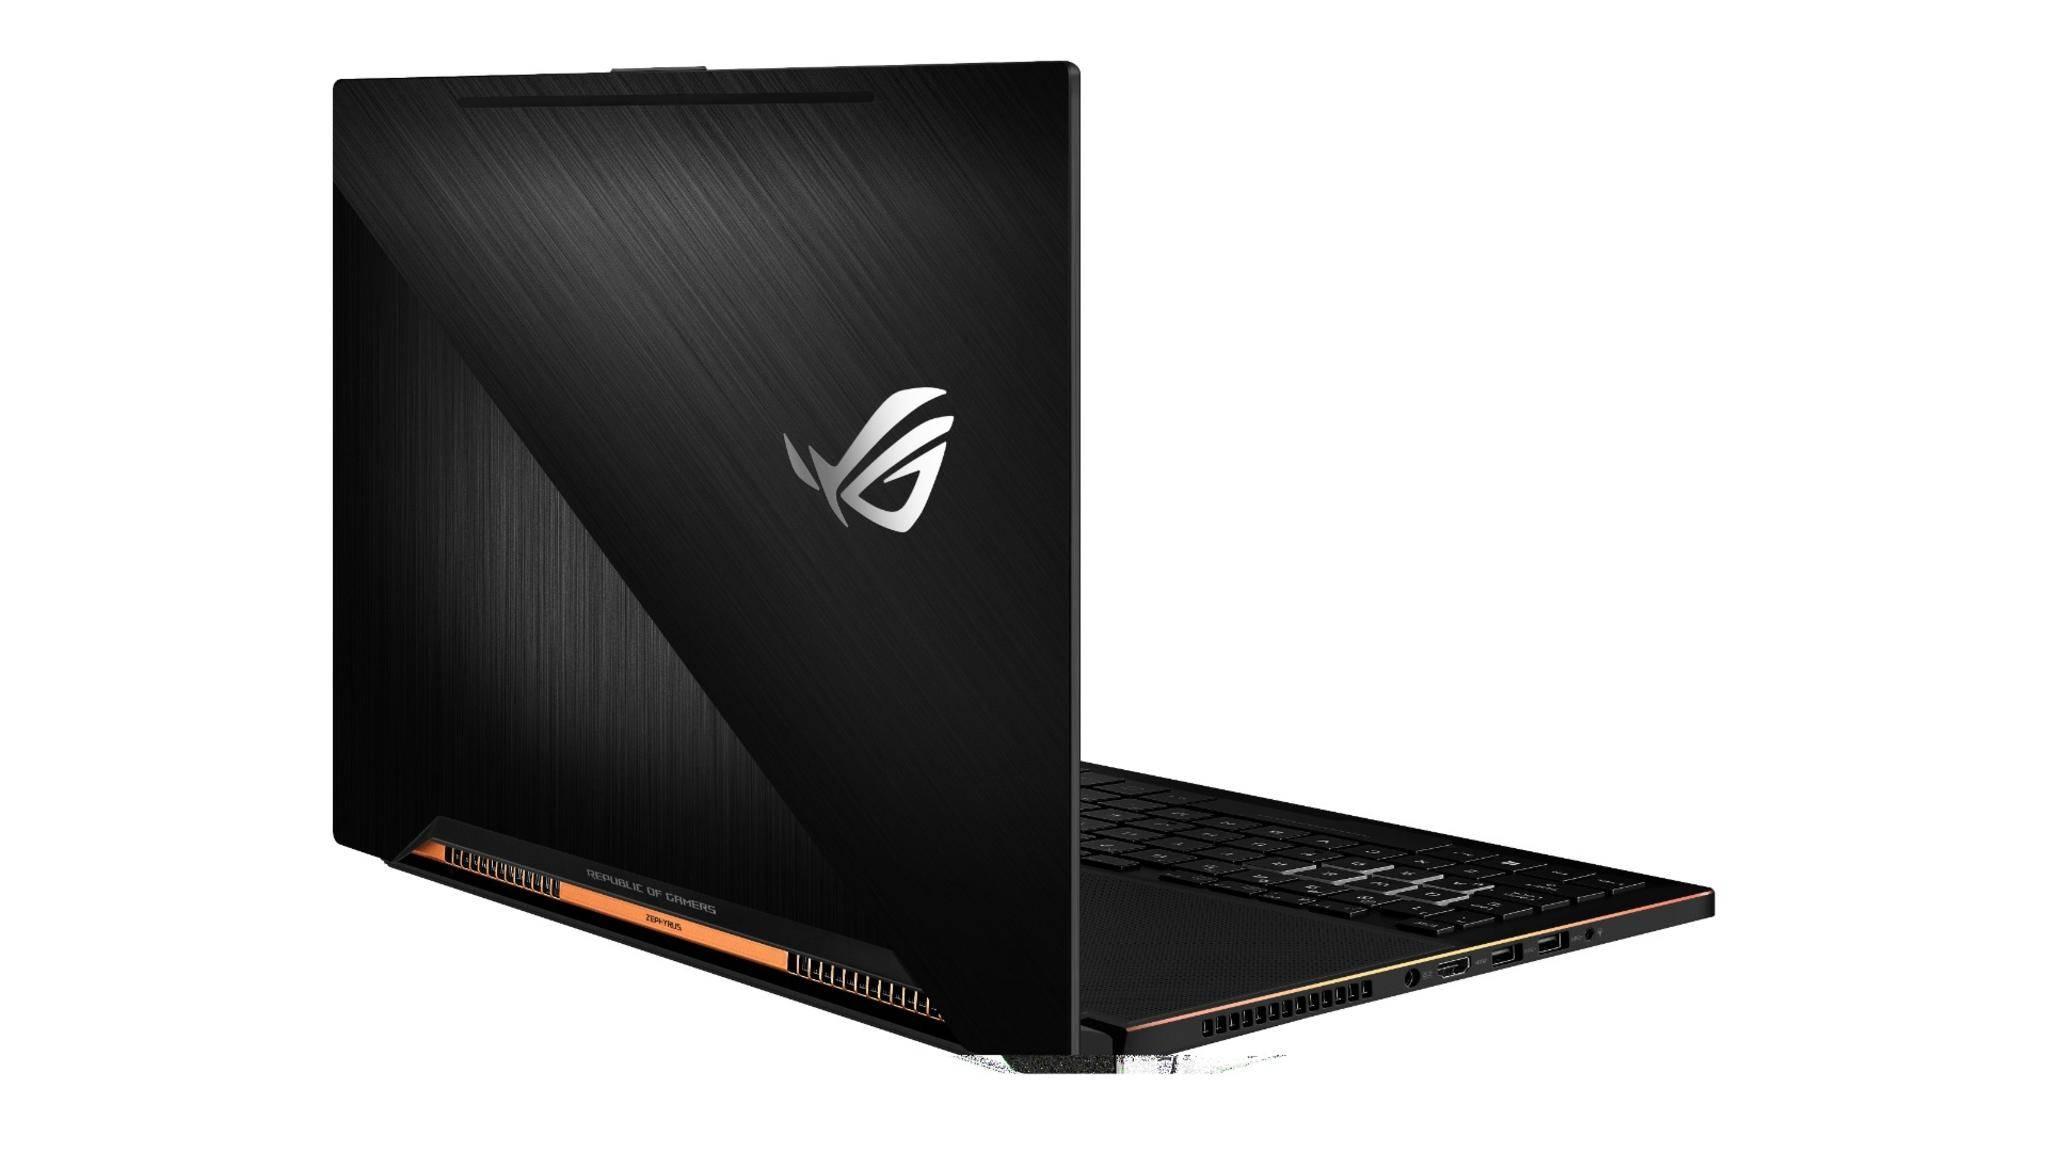 Der Asus ROG Zephyrus ist der dünnste Gaming-Laptop mit einer GTX-1080-Grafikkarte.